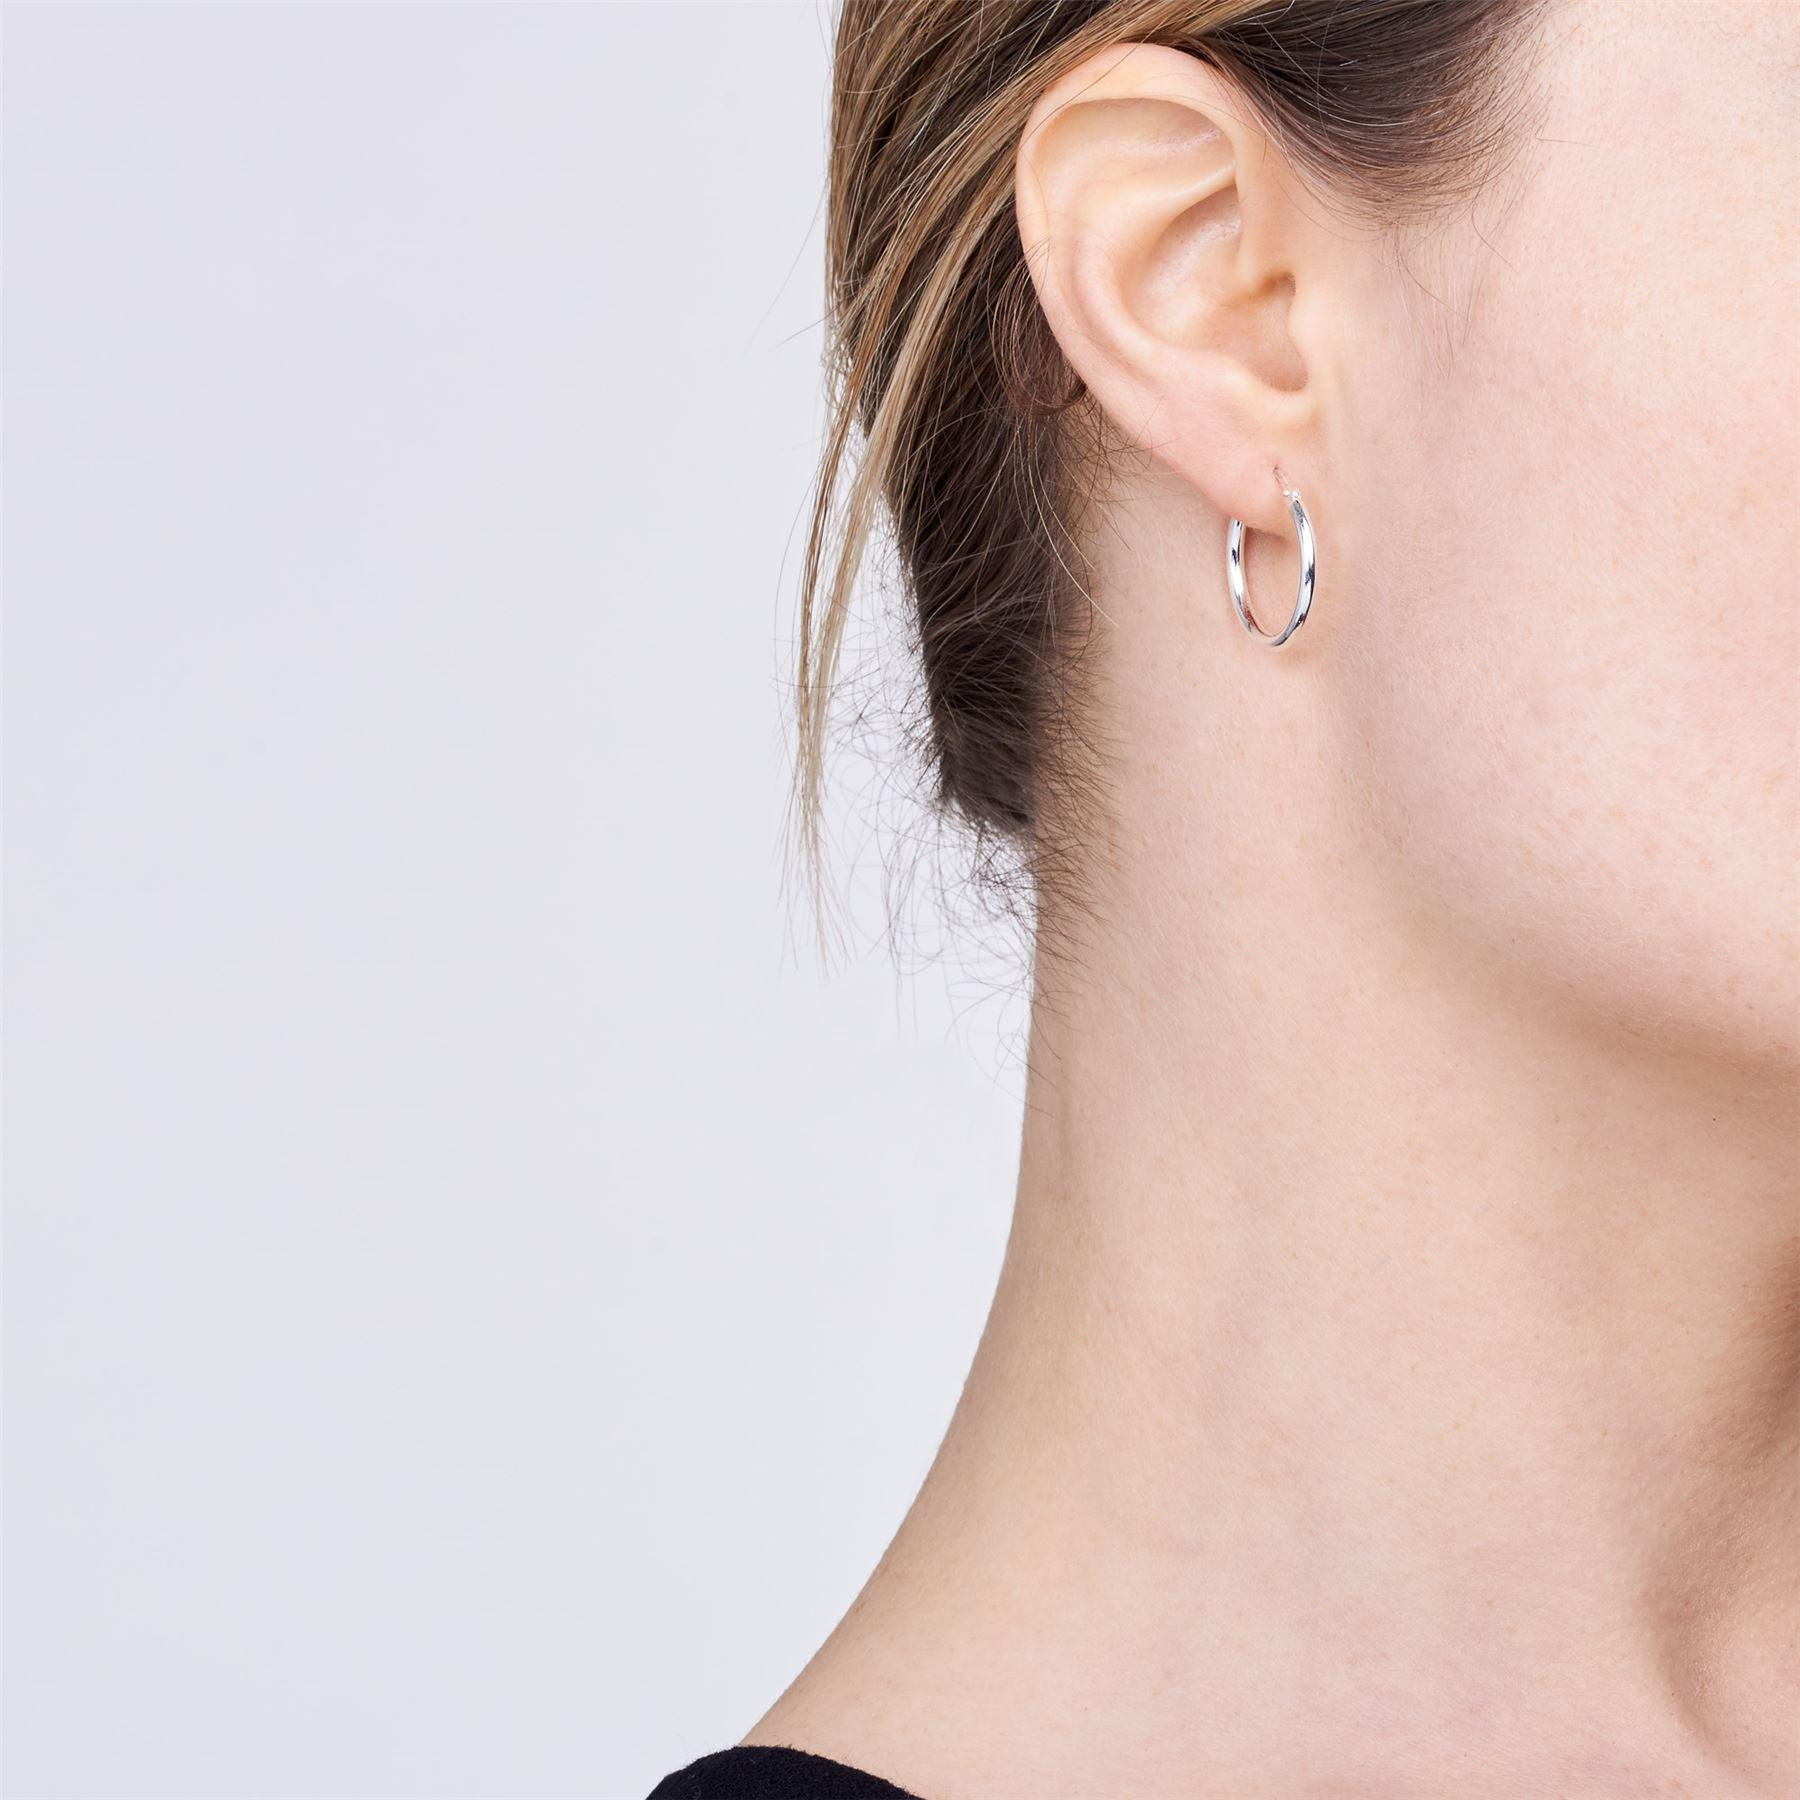 Amberta-Pendientes-para-Mujer-Aros-en-Plata-De-Ley-925-Autentica-Estilo-Clasico miniatura 11